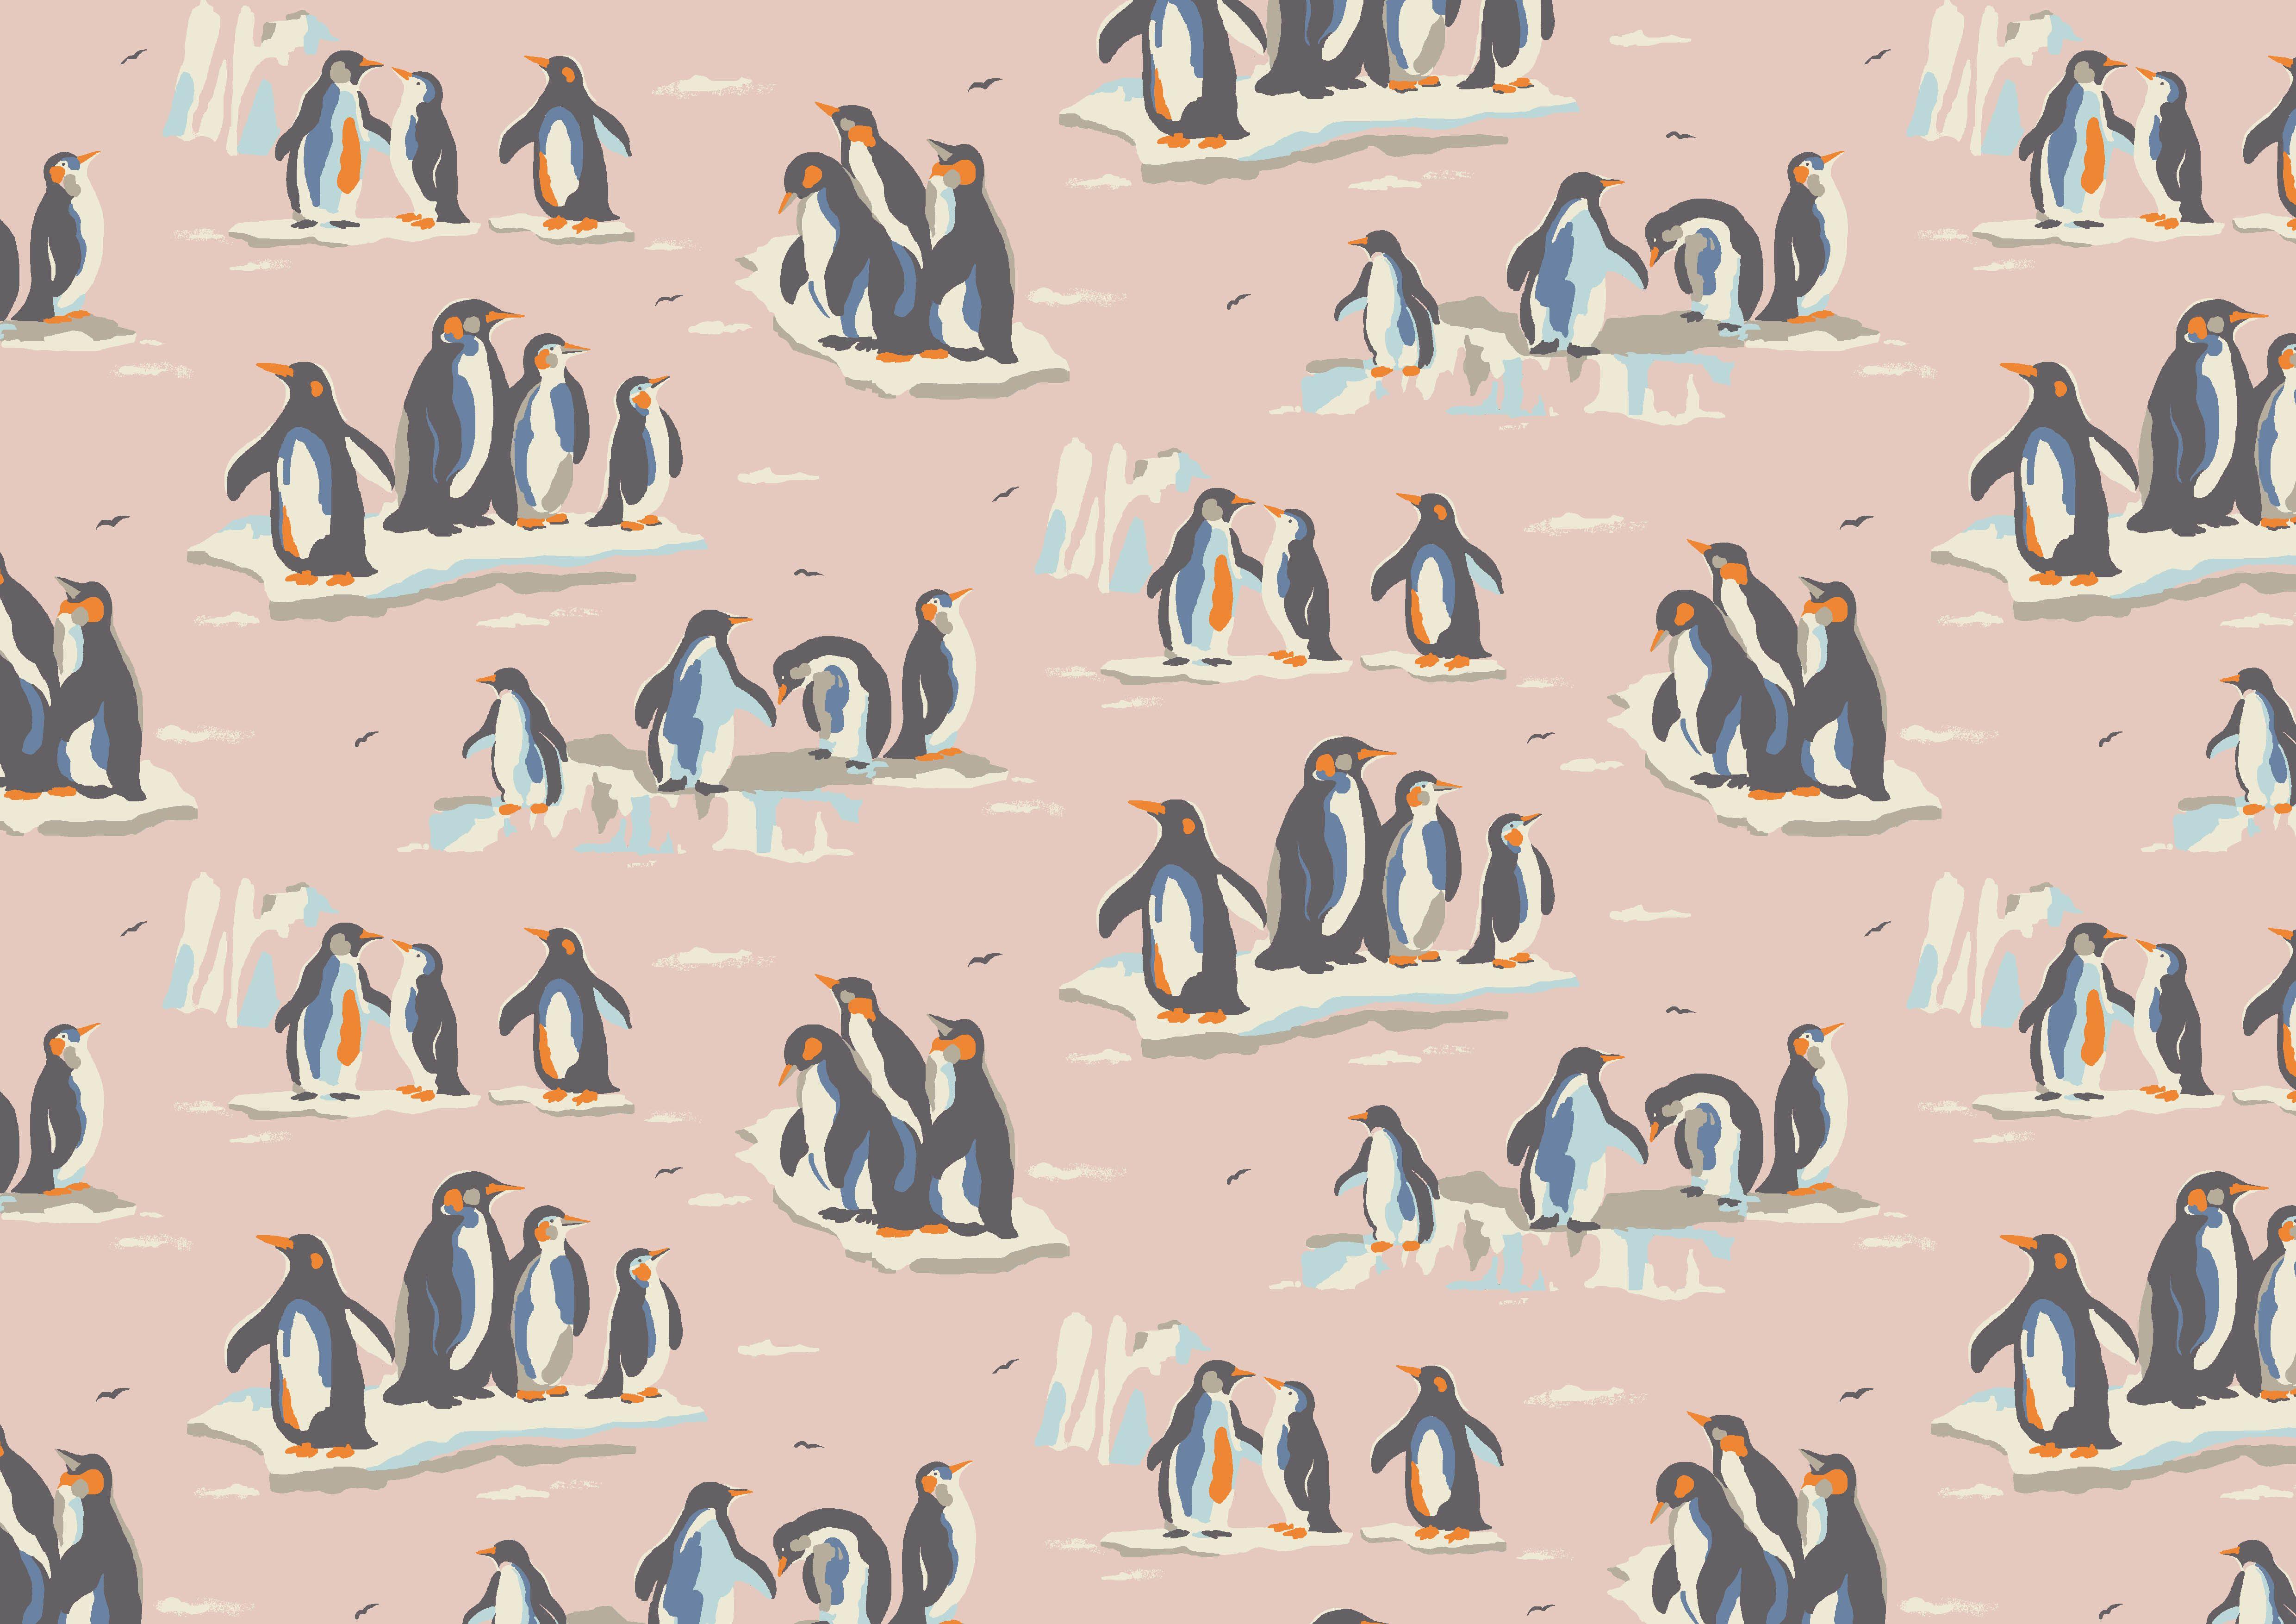 Bags Fashion Home More Cath kidston wallpaper Laptop 4961x3508